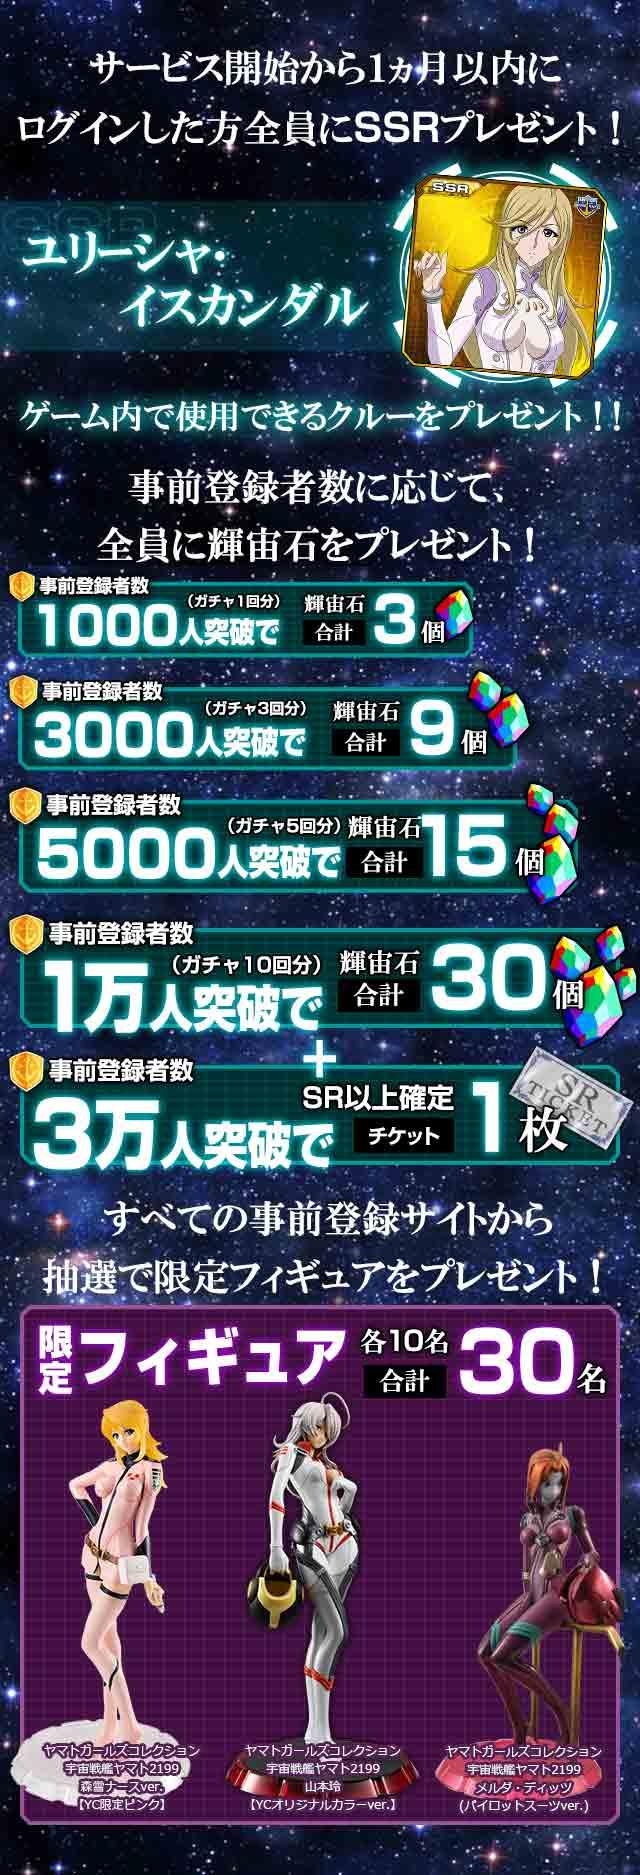 宇宙戦艦ヤマト2199~最後の希望365~の予約特典